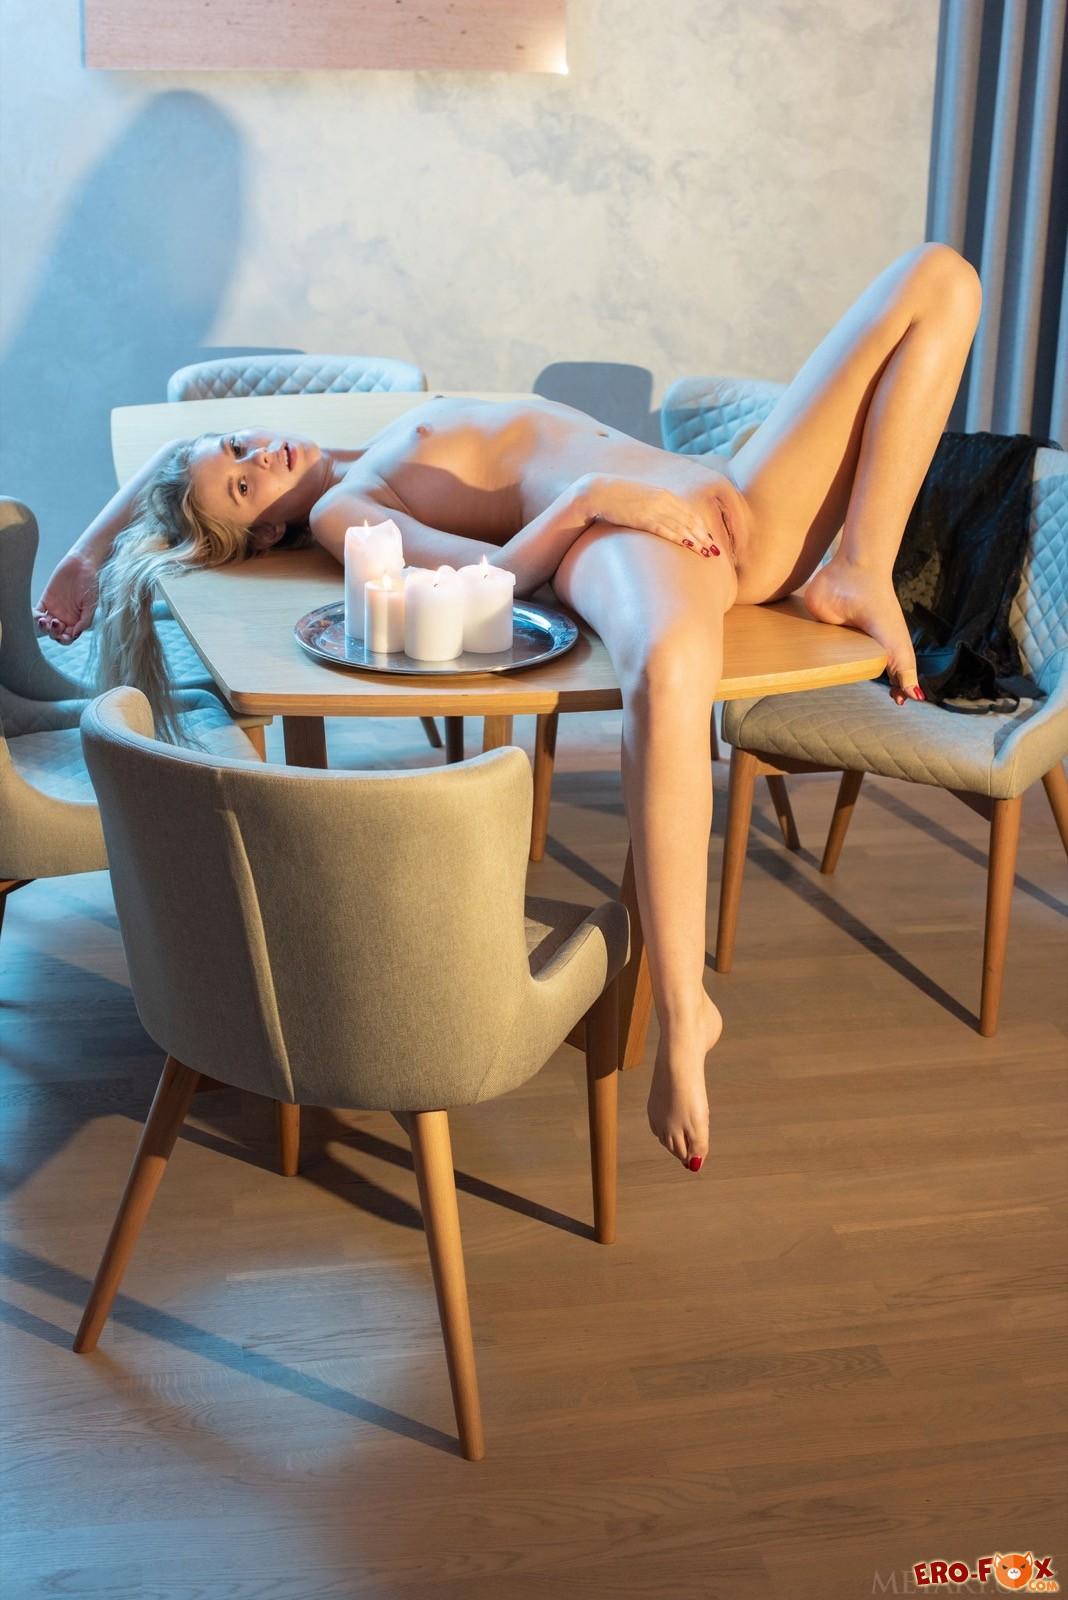 Милашка с бритой писькой голая лежит на столе - фото